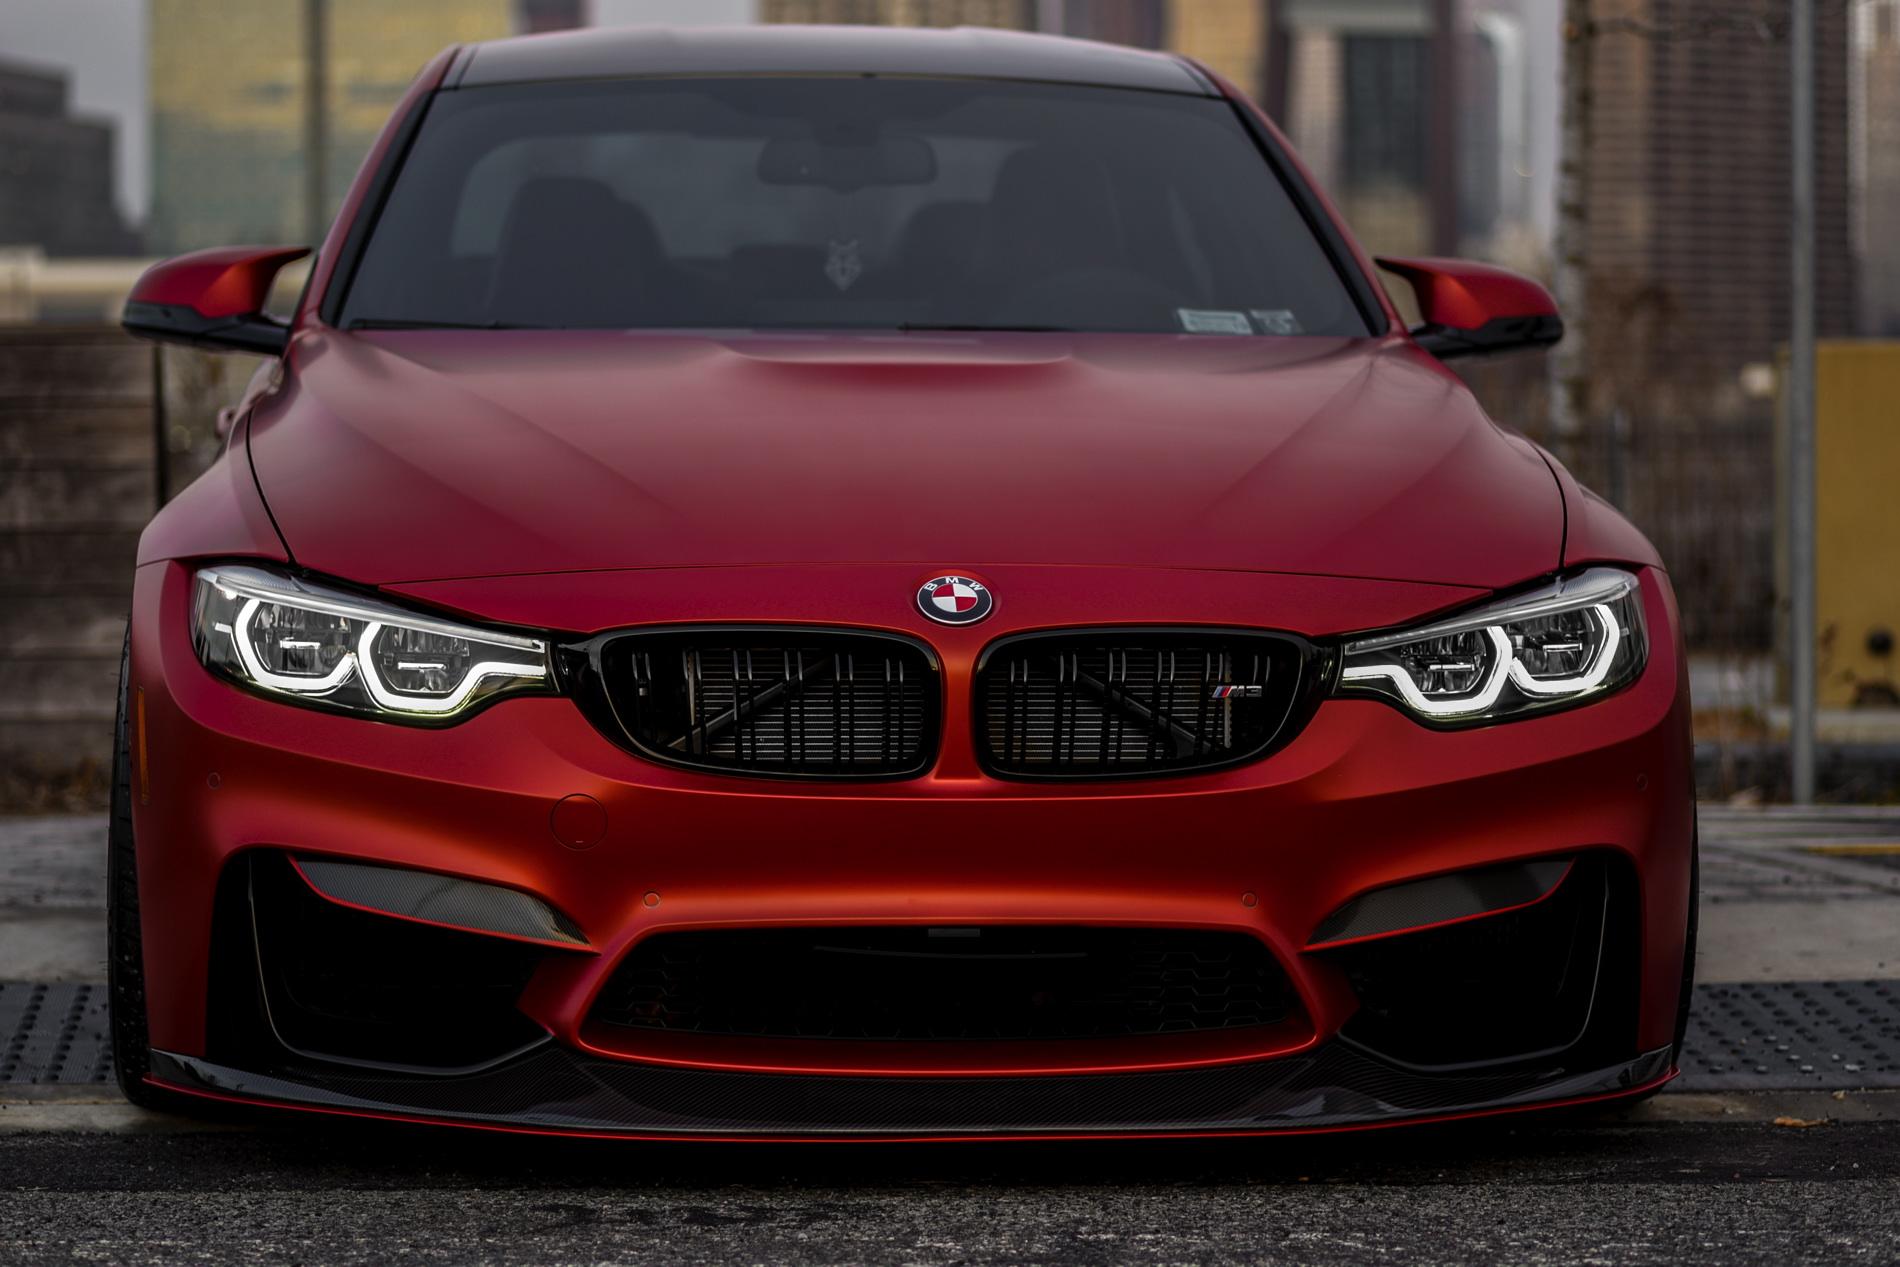 2018 BMW F80 M3 carbon fiber co 01